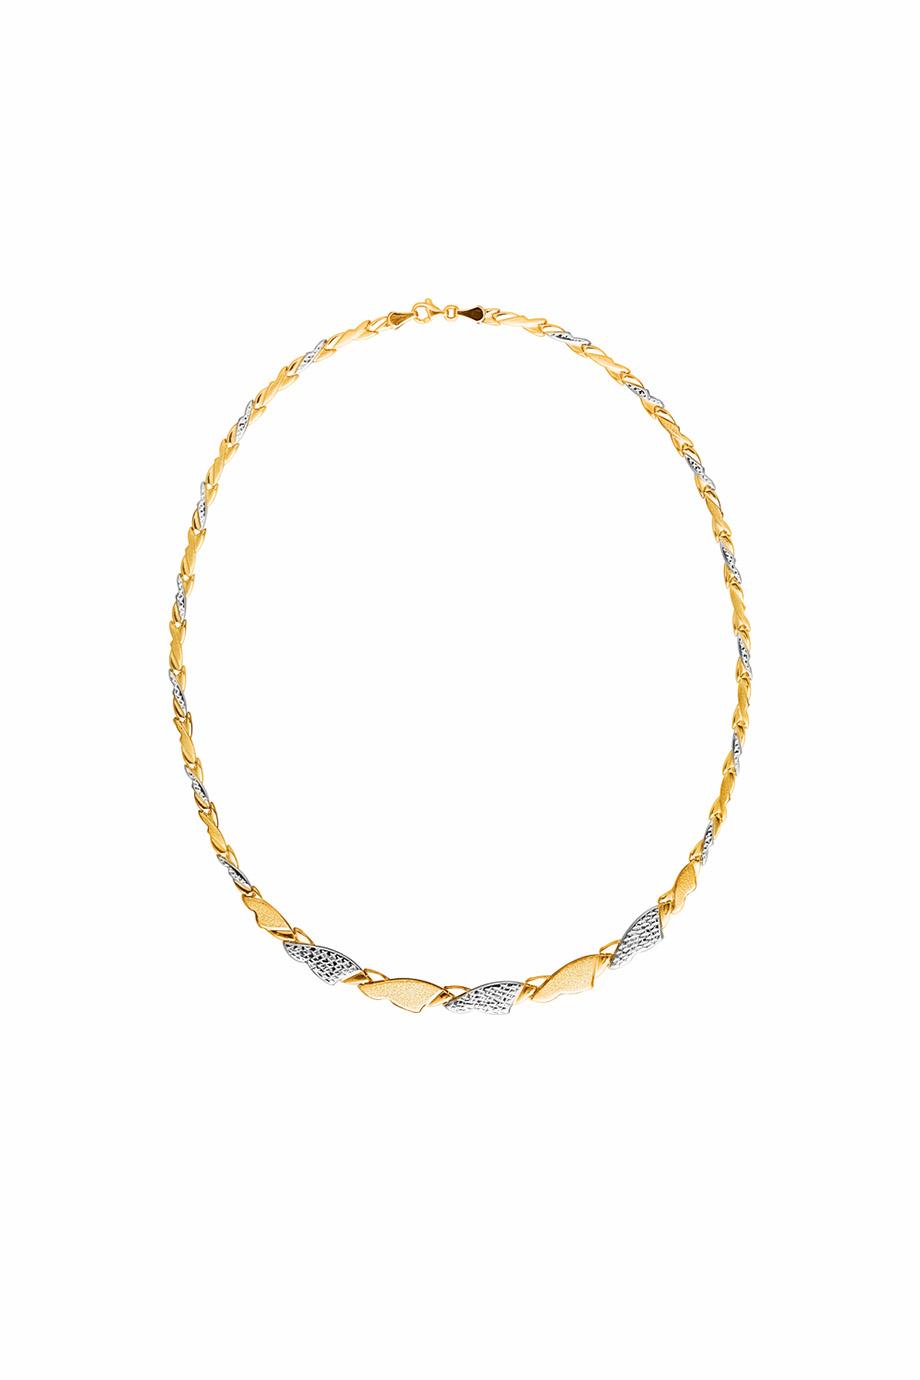 portfolio - jewellery-008